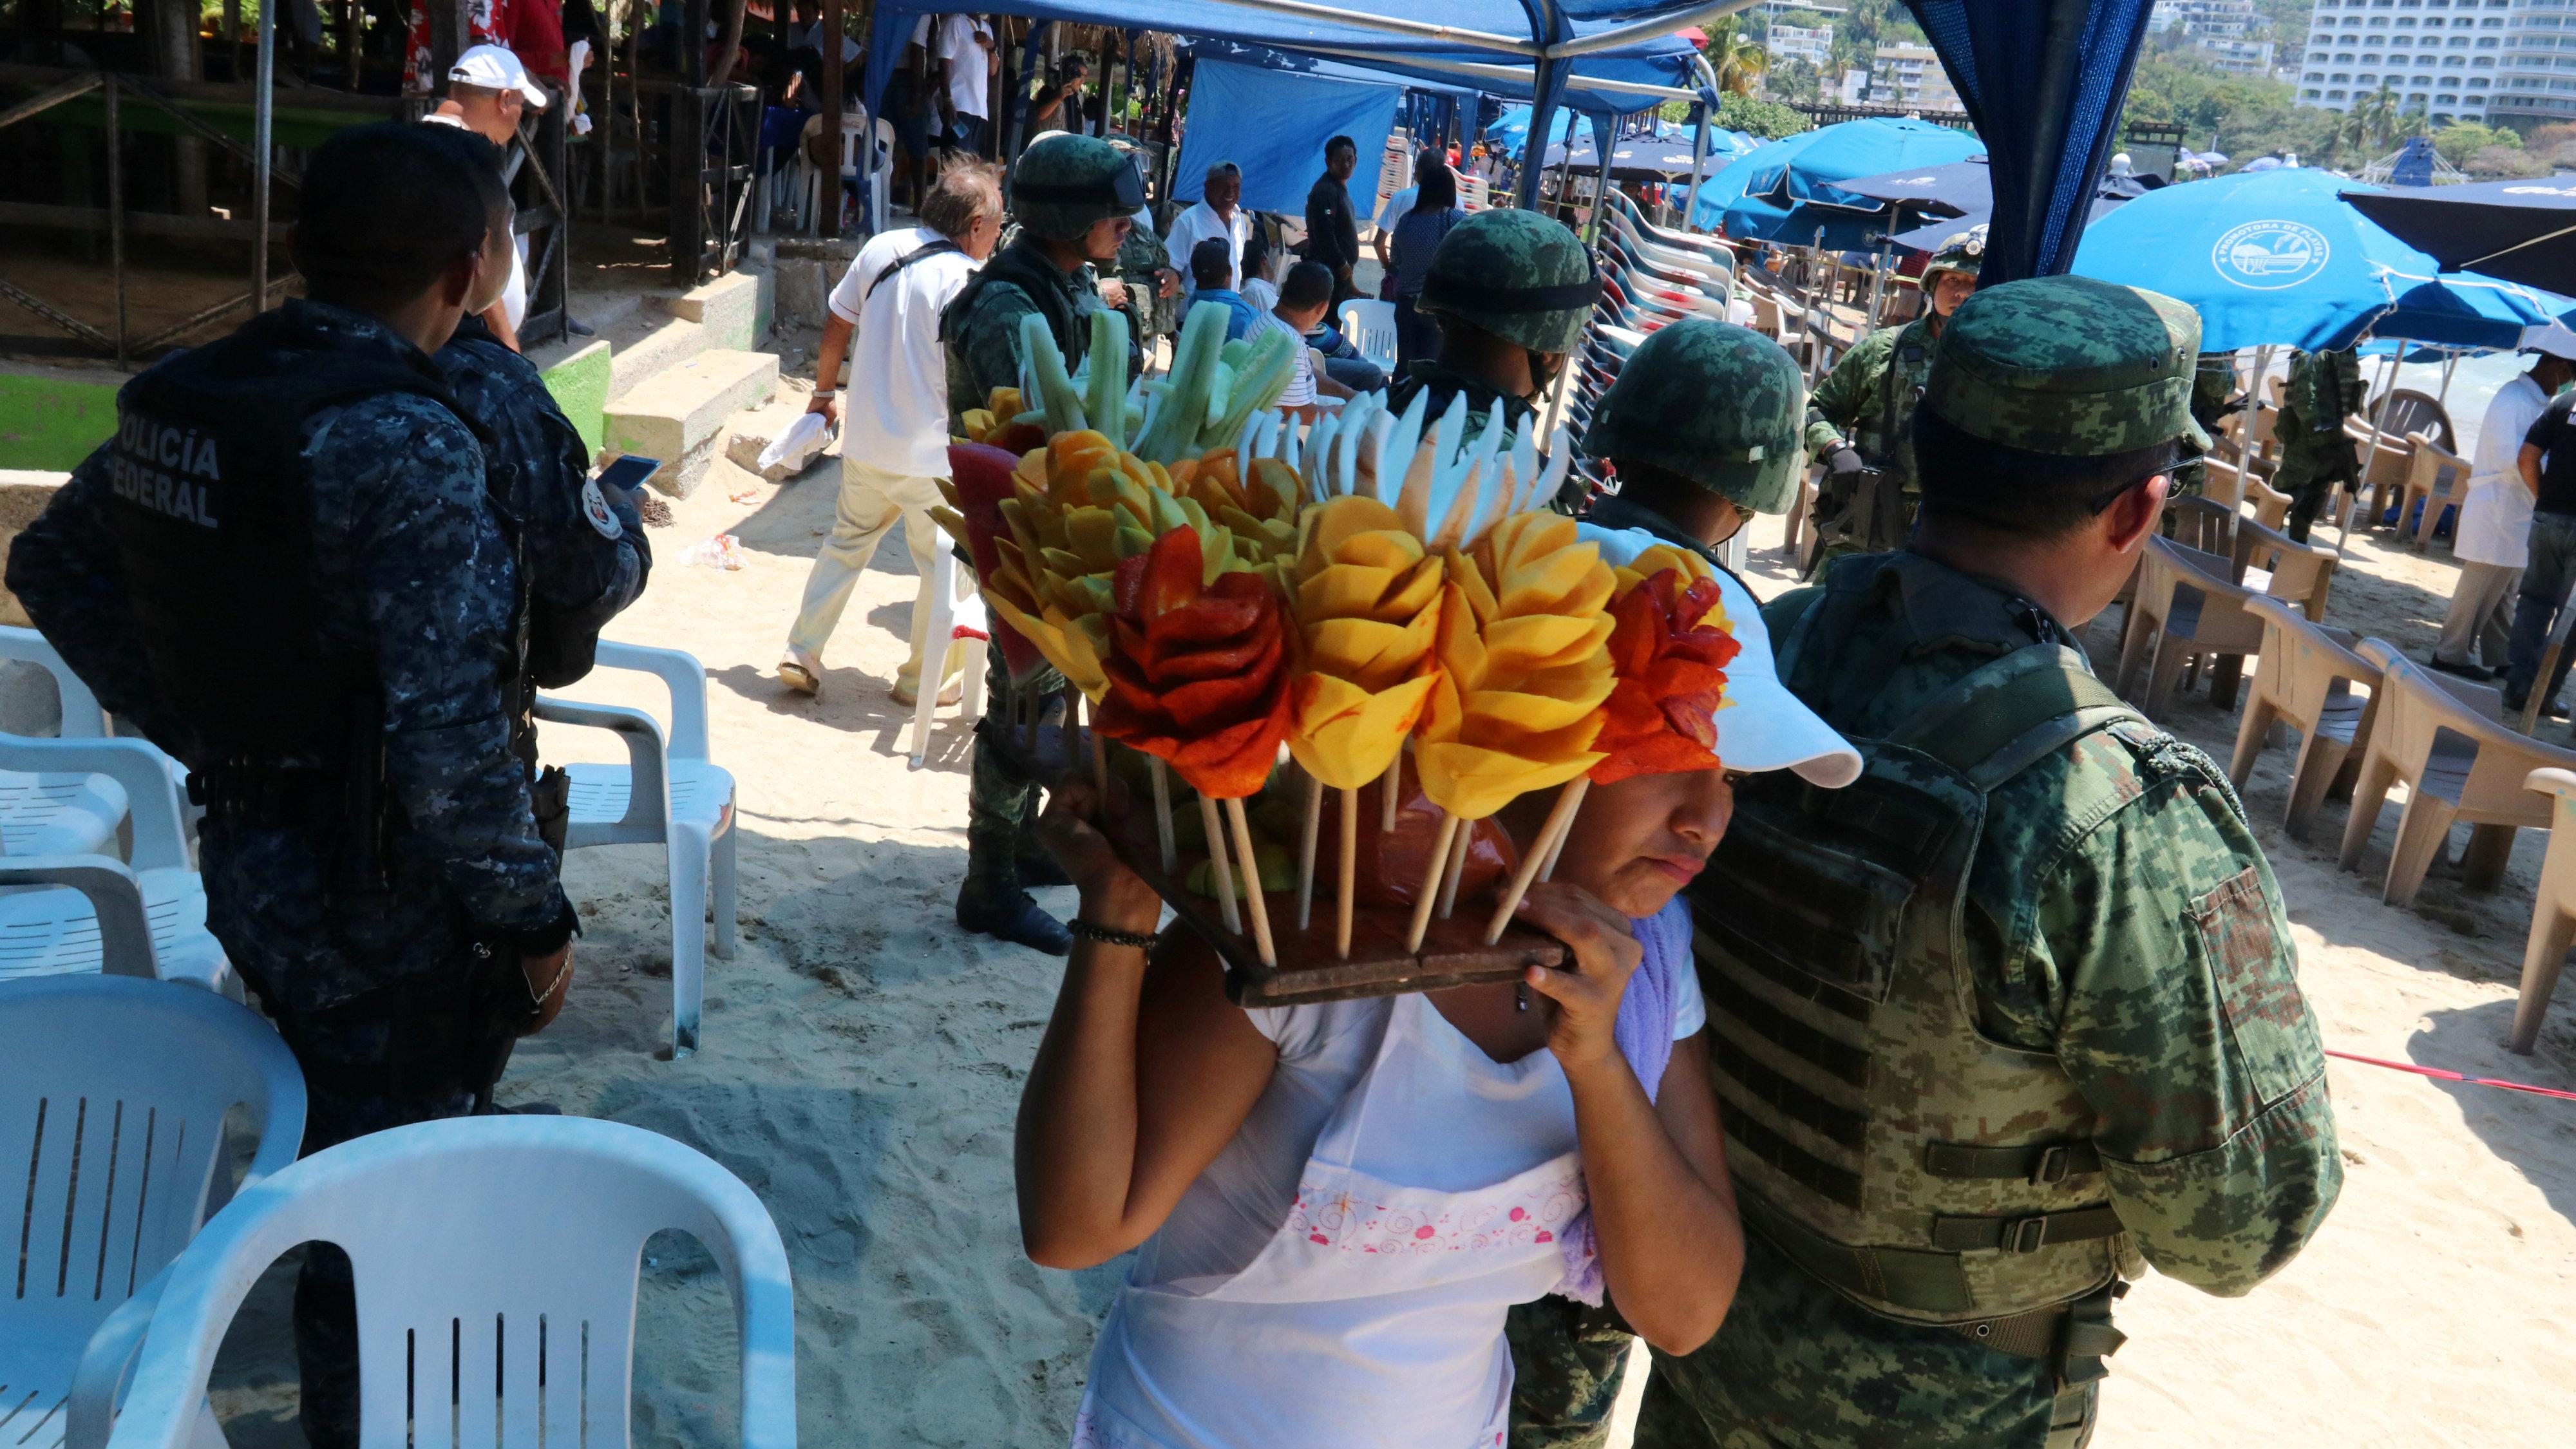 Cancun_fruit vendor_crime scene